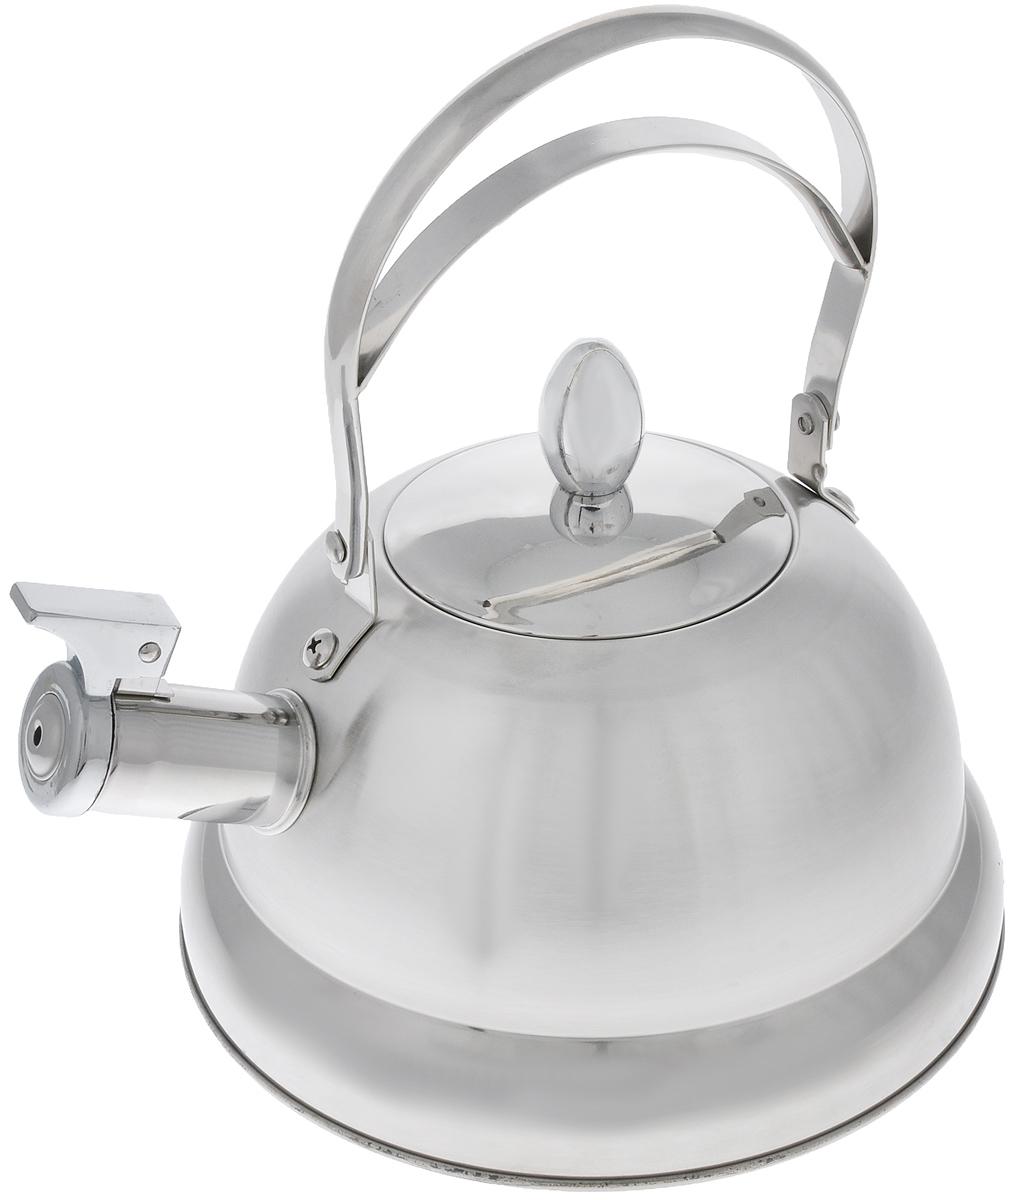 Чайник Mayer & Boch, со свистком, 3 л. 2323223232Чайник Mayer & Boch выполнен из высококачественной нержавеющей стали, что делает его весьма гигиеничным и устойчивым к износу при длительном использовании. Носик чайника оснащен насадкой-свистком, что позволит вам контролировать процесс подогрева или кипячения воды. Подвижная ручка дает дополнительное удобство при наливании напитка. Поверхность чайника гладкая, что облегчает уход за ним. Эстетичный и функциональный, с эксклюзивным дизайном, чайник будет оригинально смотреться в любом интерьере. Подходит для всех типов плит, включая индукционные. Можно мыть в посудомоечной машине. Высота чайника (без учета ручки и крышки): 12 см. Высота чайника (с учетом ручки и крышки): 25 см. Диаметр чайника (по верхнему краю): 10,5 см.